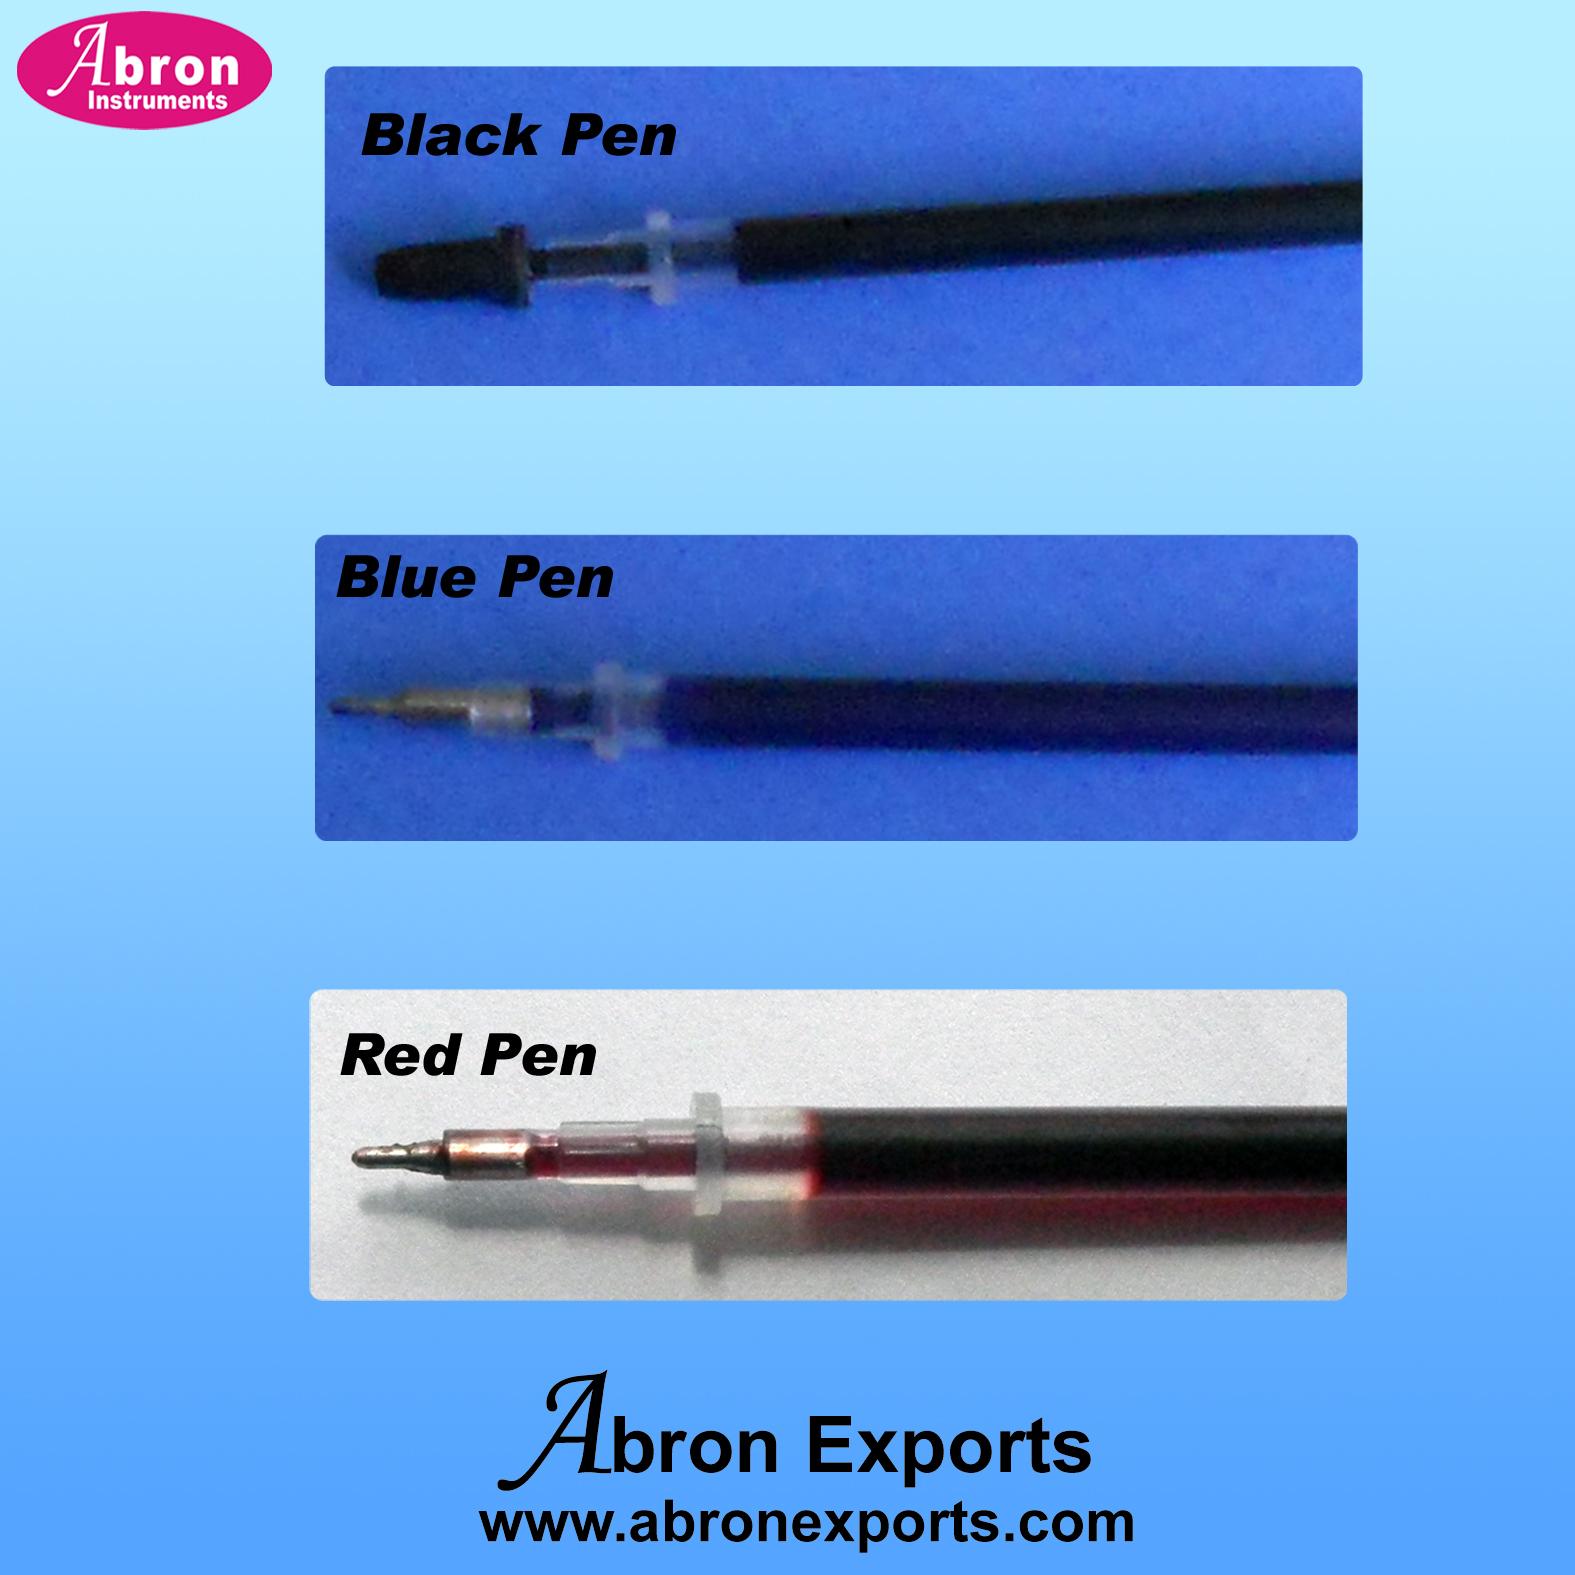 kymograph part abron ink pen black blue red APH-2550-72P